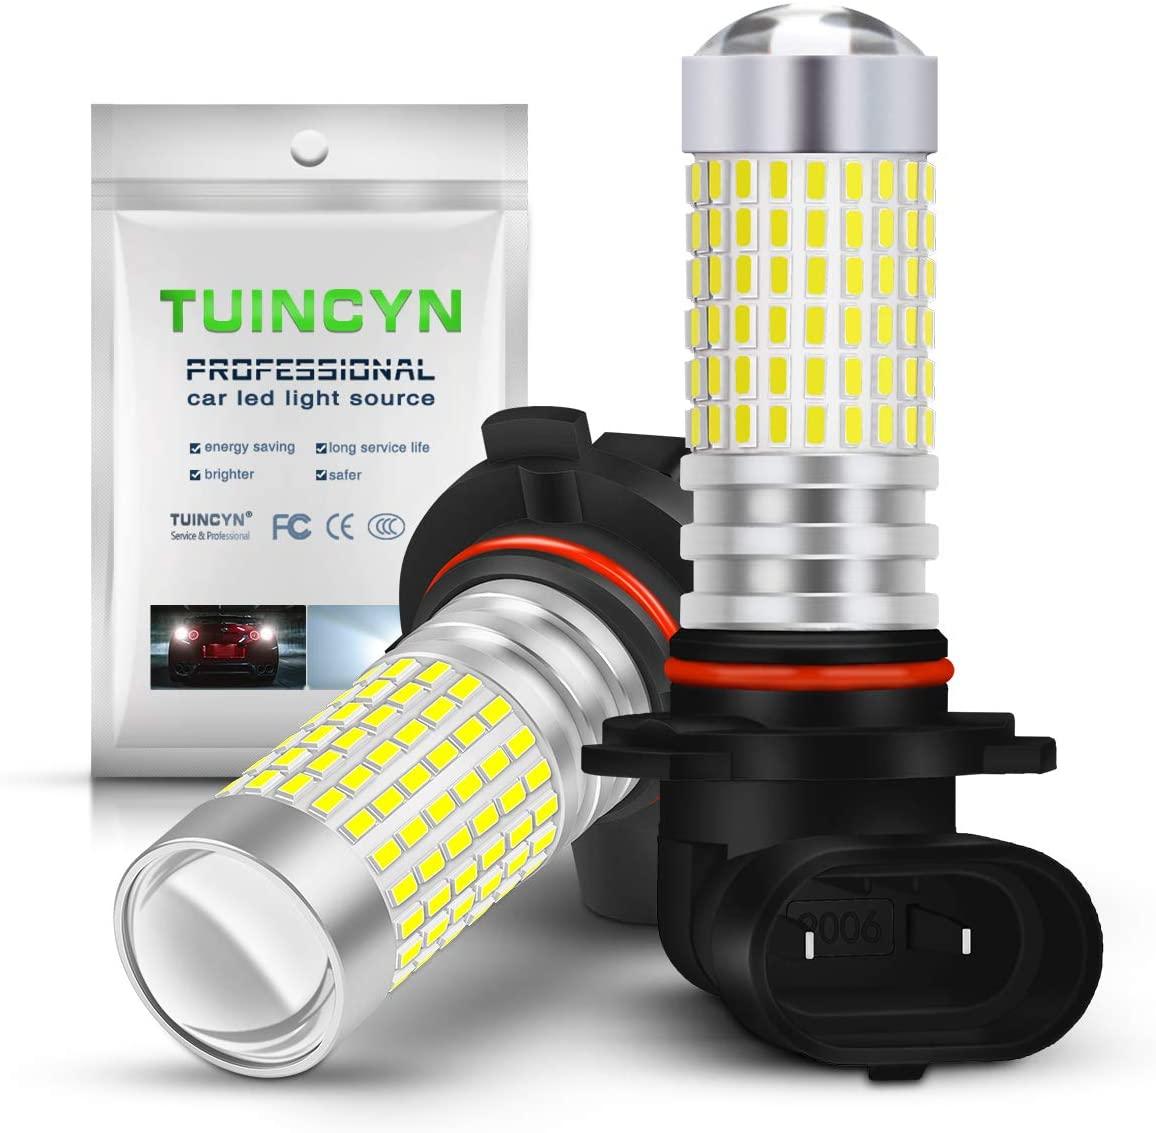 TUINCYN 9006 HB4 LED Fog Light Bulb Xenon White 6000K 3014 Chipsets 144SMD Super Bright DRL Daytime Running Light Driving Lamp DC 12V-24V(Pack of 2)